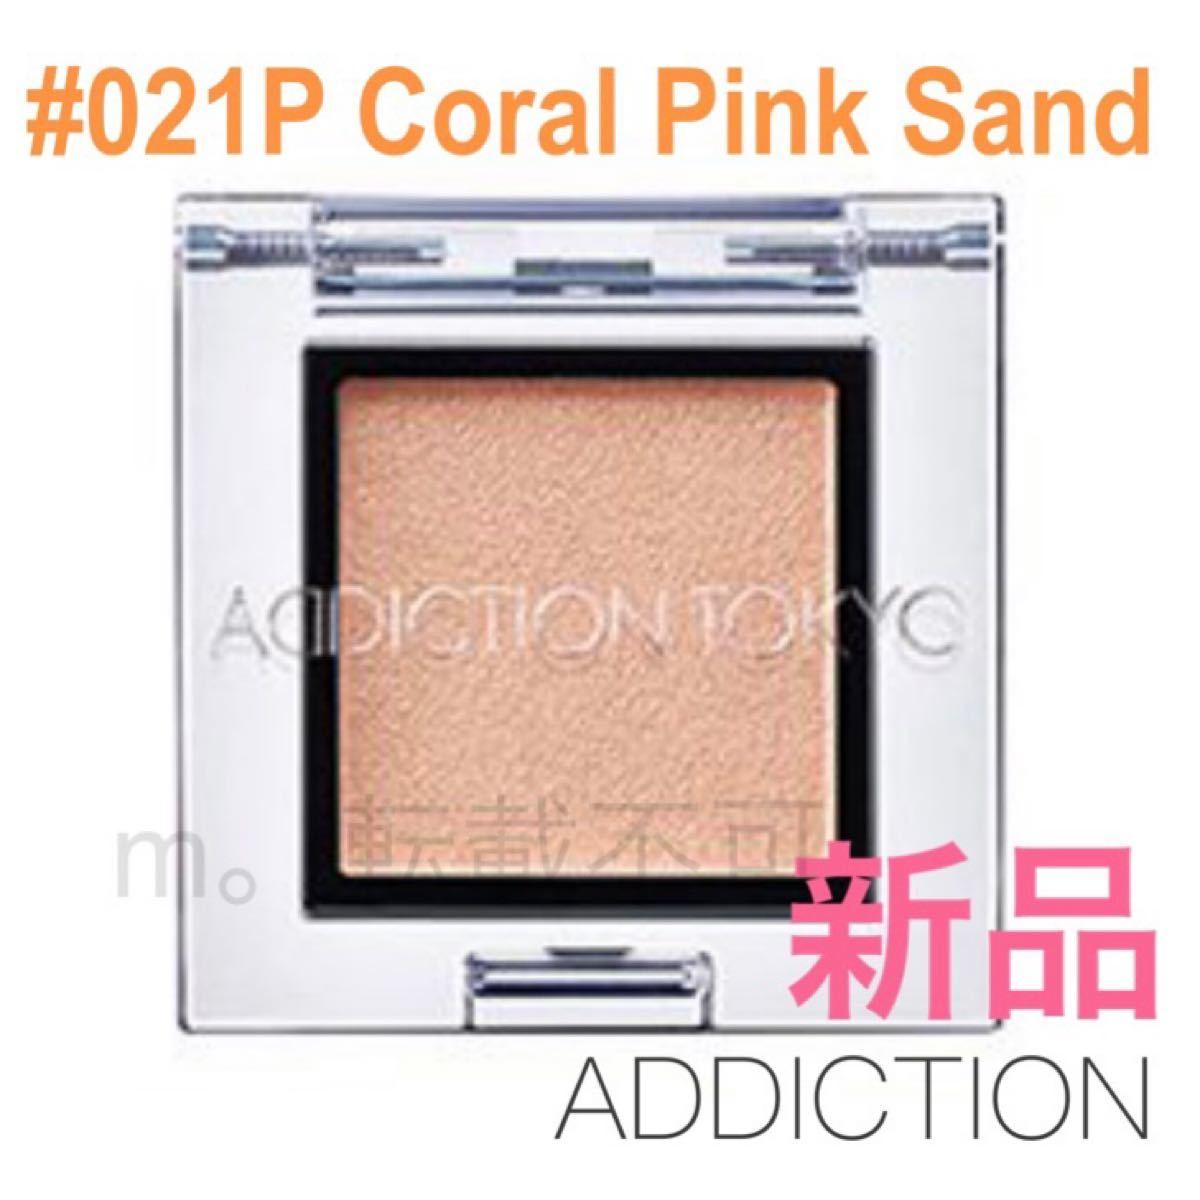 ADDICTION アディクション ザ アイシャドウ #021P Coral Pink Sand コーラルピンクサンド 新品